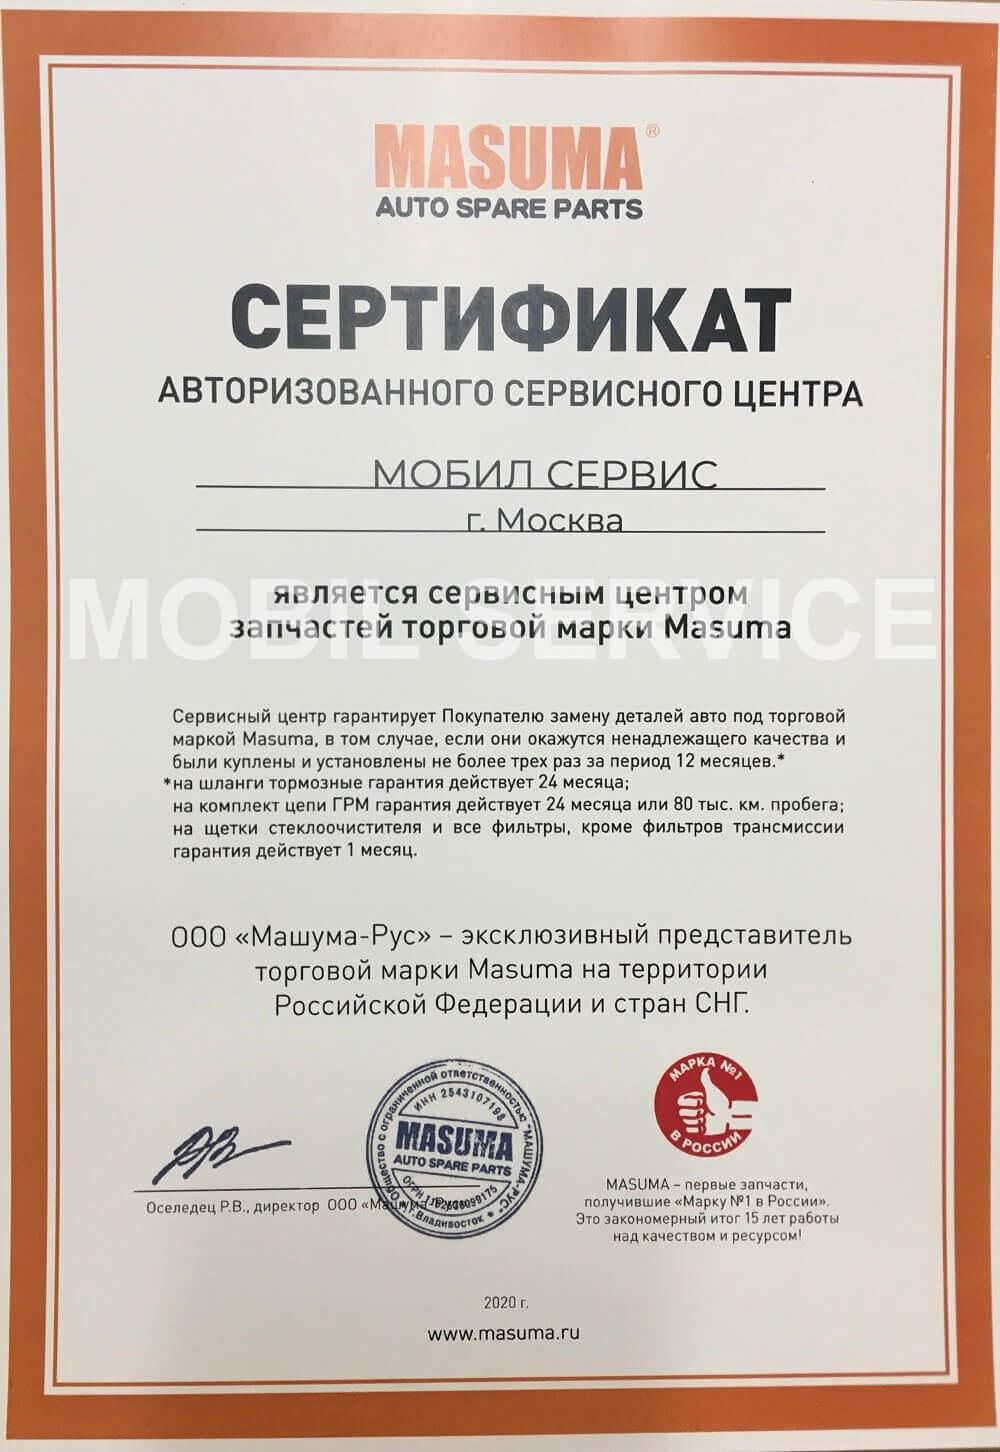 Сертификат MASUMA авторизованный магазин